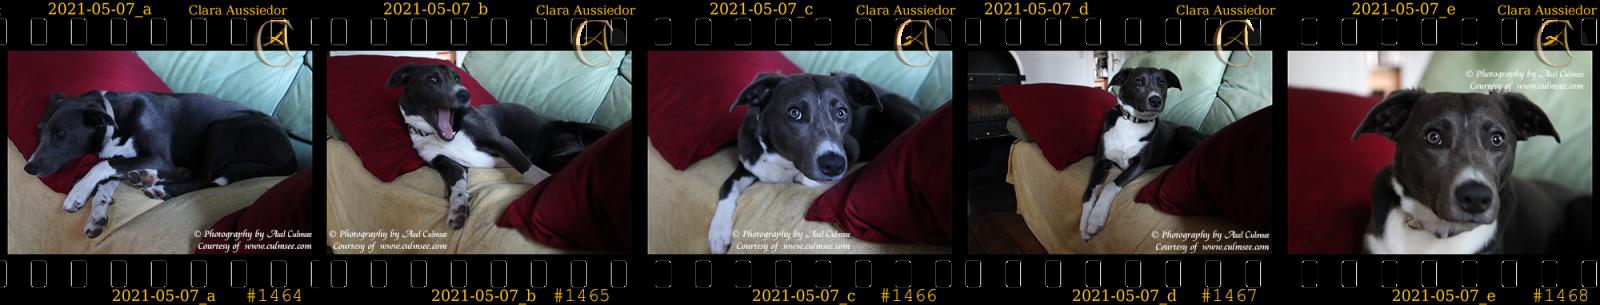 Clara slides no.1464-1468 - 11 months